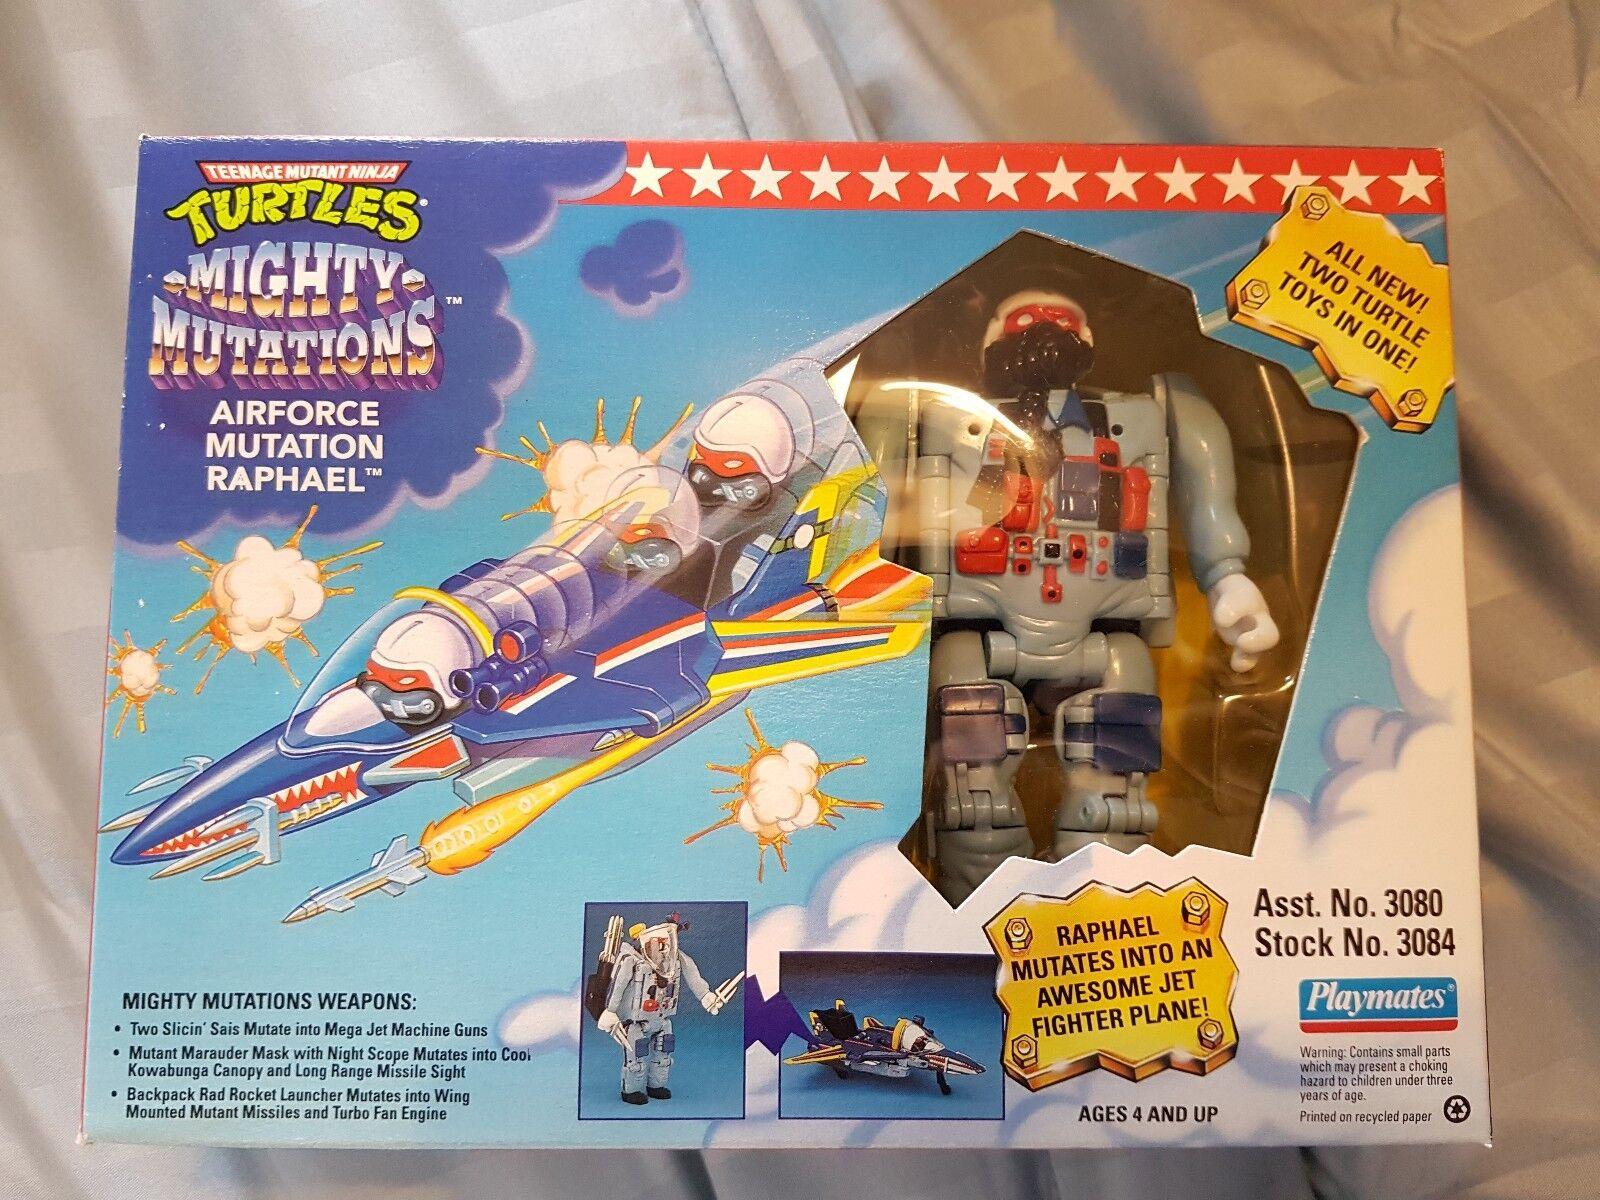 tienda de venta Teenage Mutant Ninja Turtles Mighty mutaciones Fuerza Aérea Aérea Aérea mutación Raphael Nuevo  están haciendo actividades de descuento